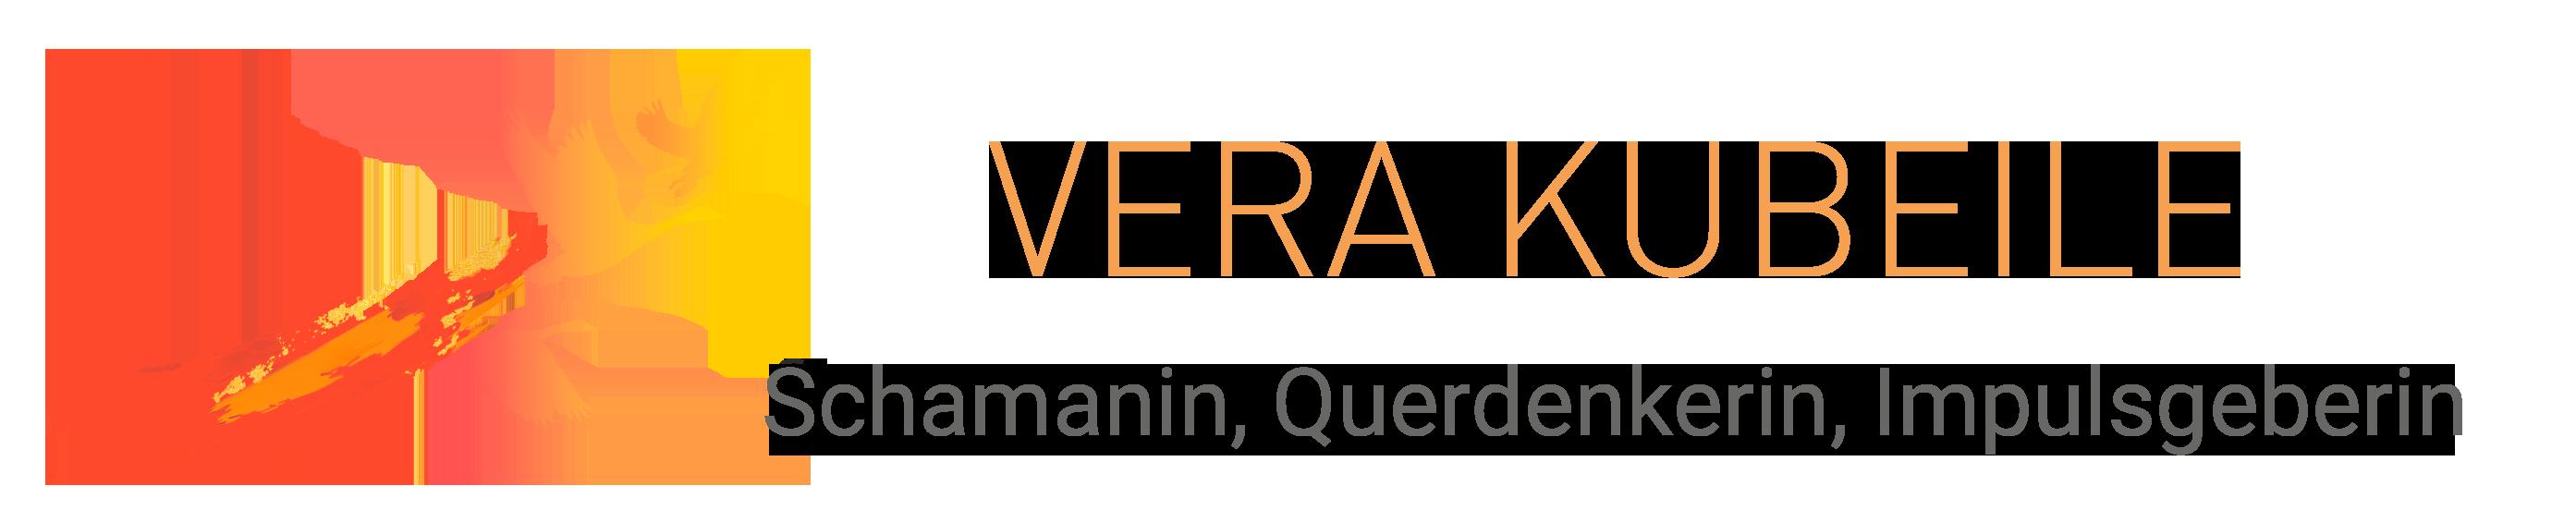 Vera Kubeile